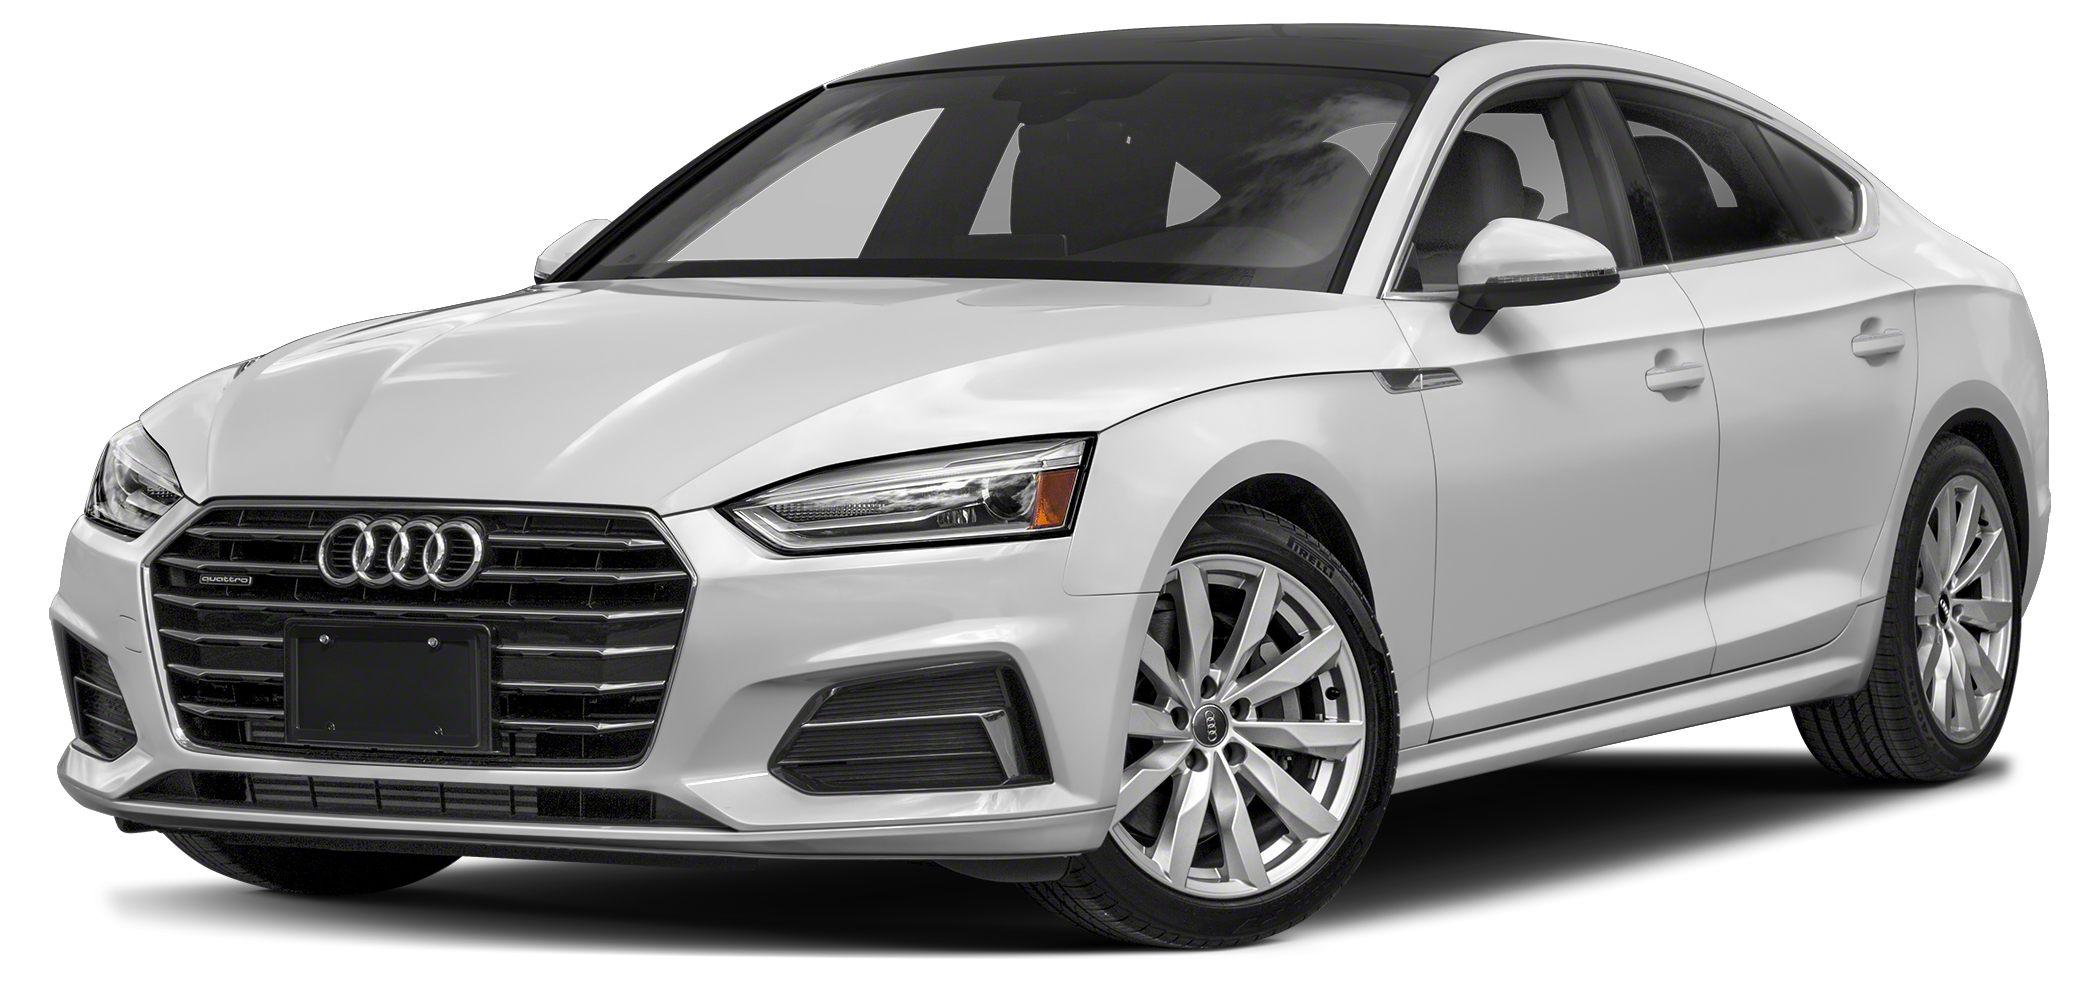 2018 Audi A5 20T quattro Premium Optional equipment includes Premium Plus Navigation Package S